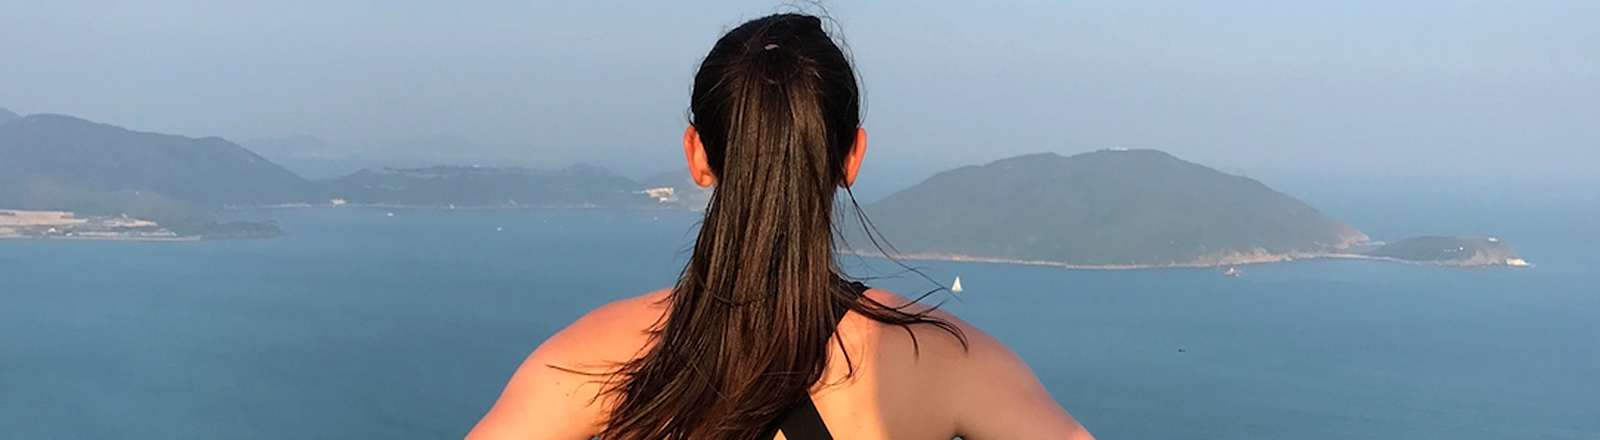 Frau vor einer Landschaft am Meer